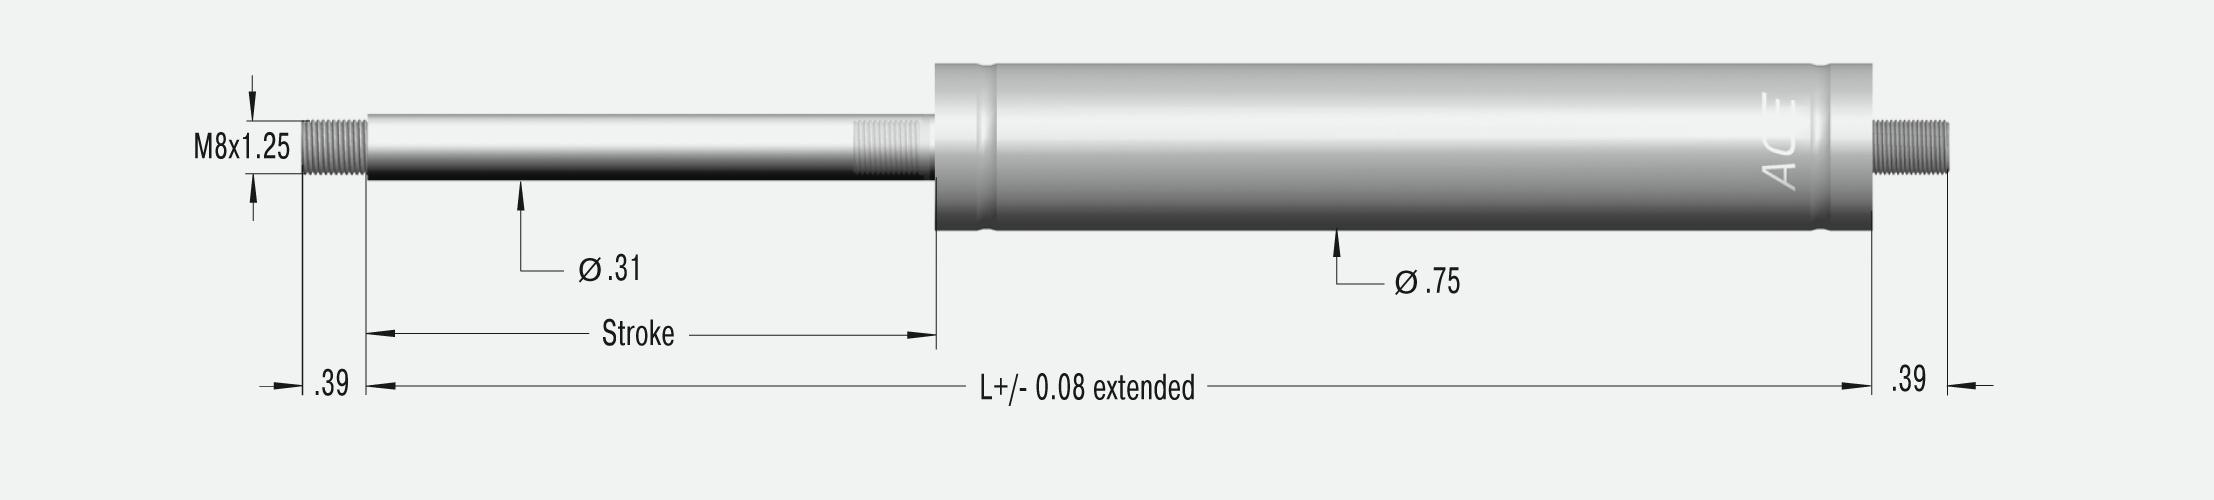 GS-19-100-VA